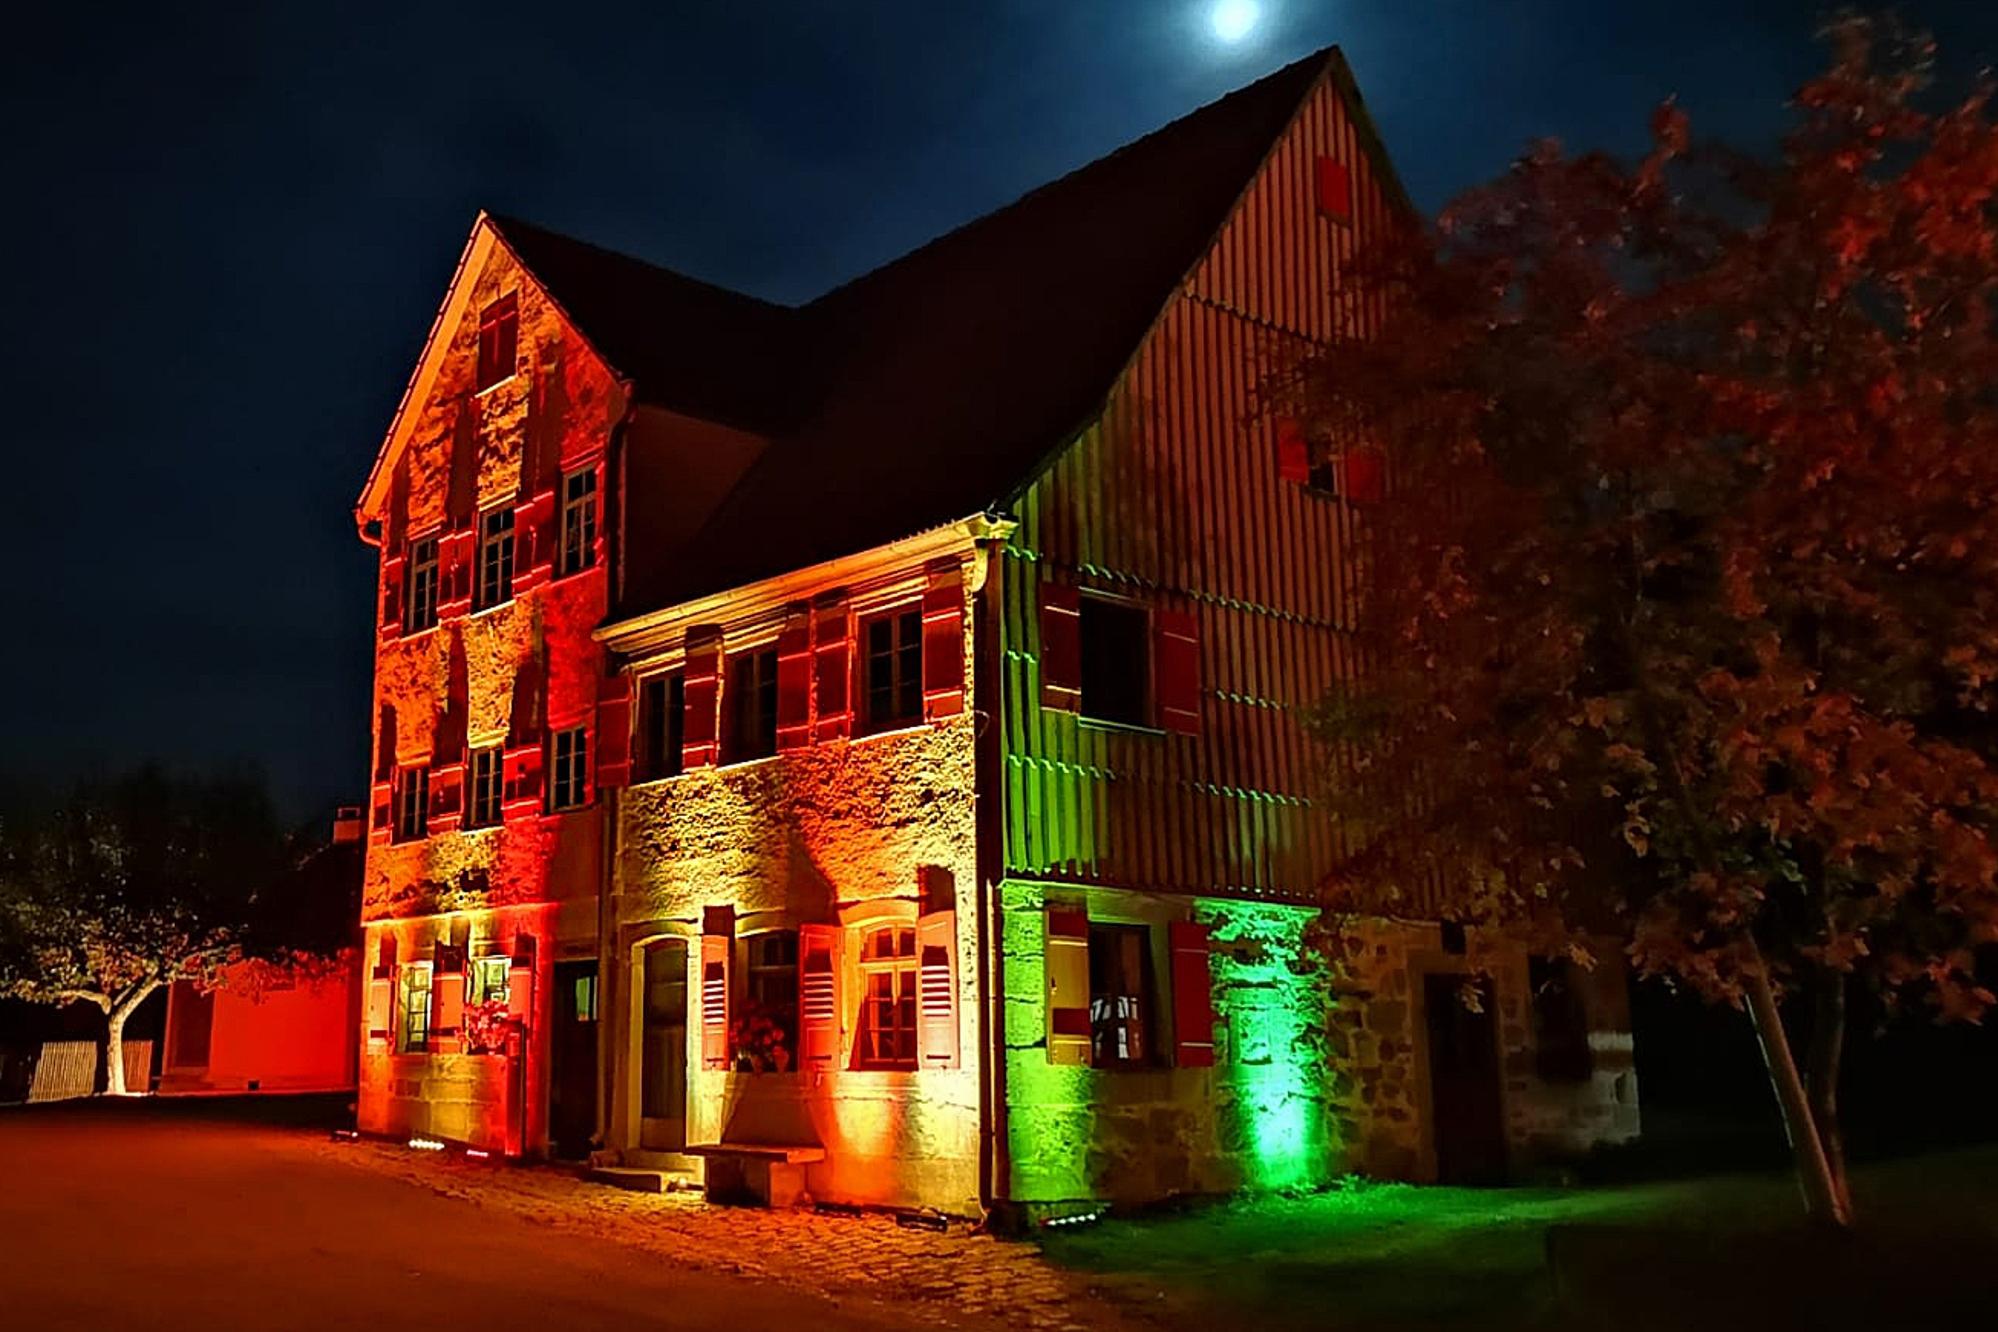 Historisches Wohnhaus bei Nacht mit bunter Beleuchtung in Wackershofen